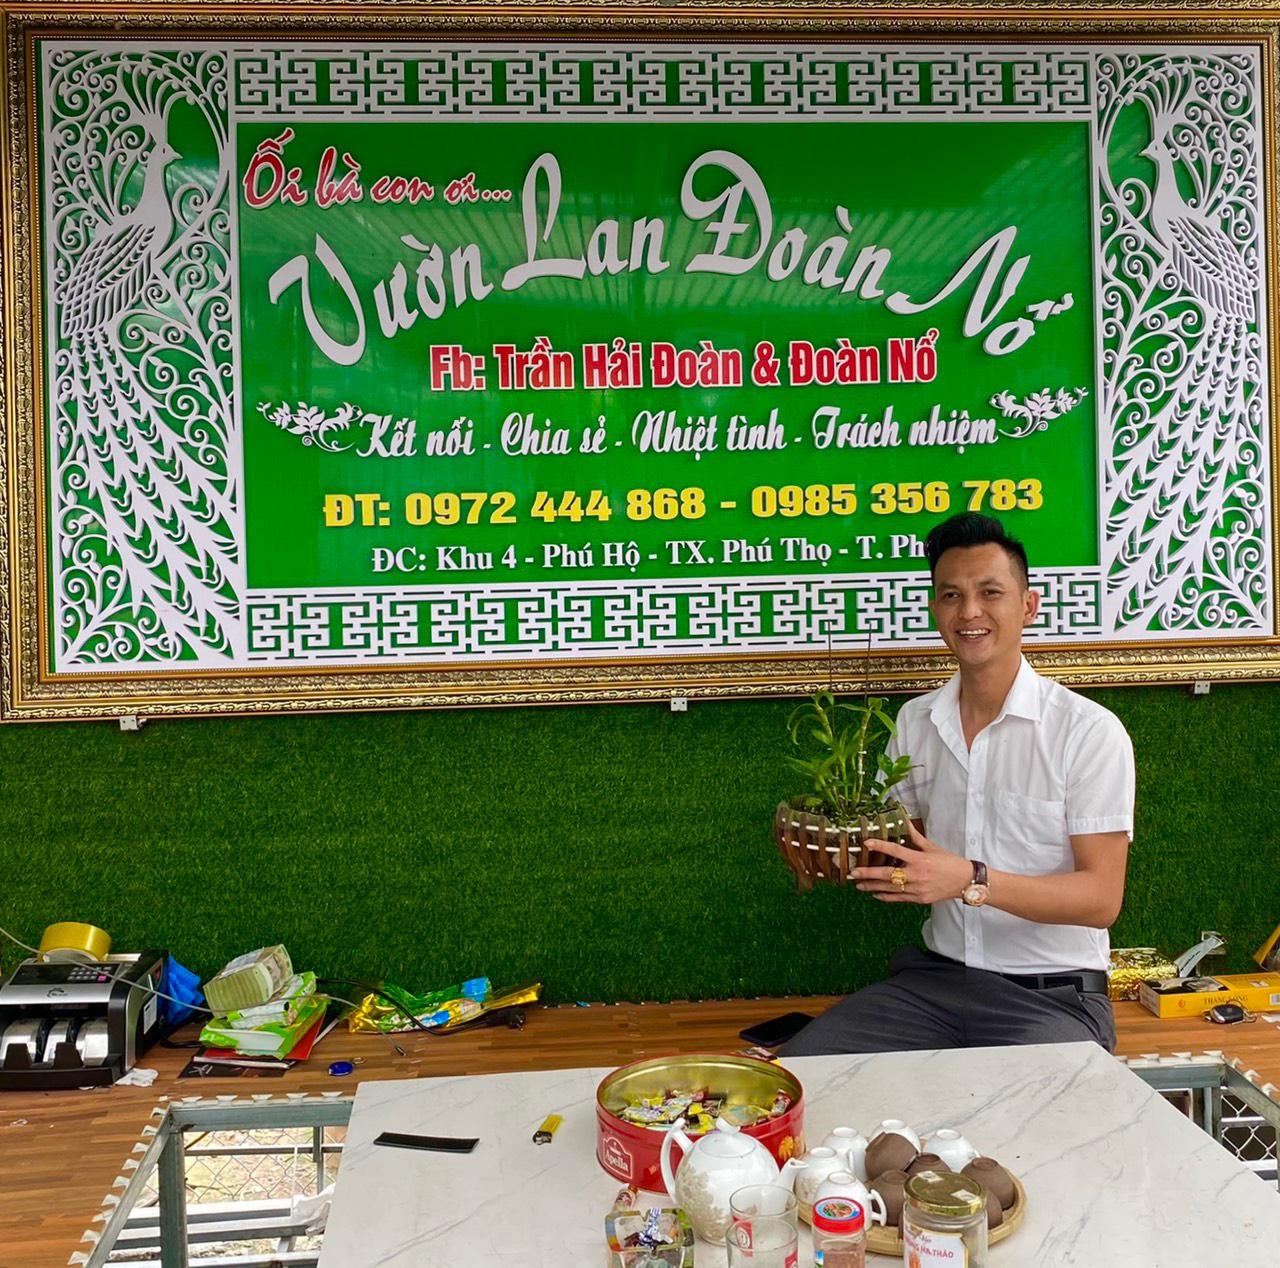 Nghệ nhân Trần Hải Đoàn chia sẻ bí quyết trồng lan thành công - Ảnh 5